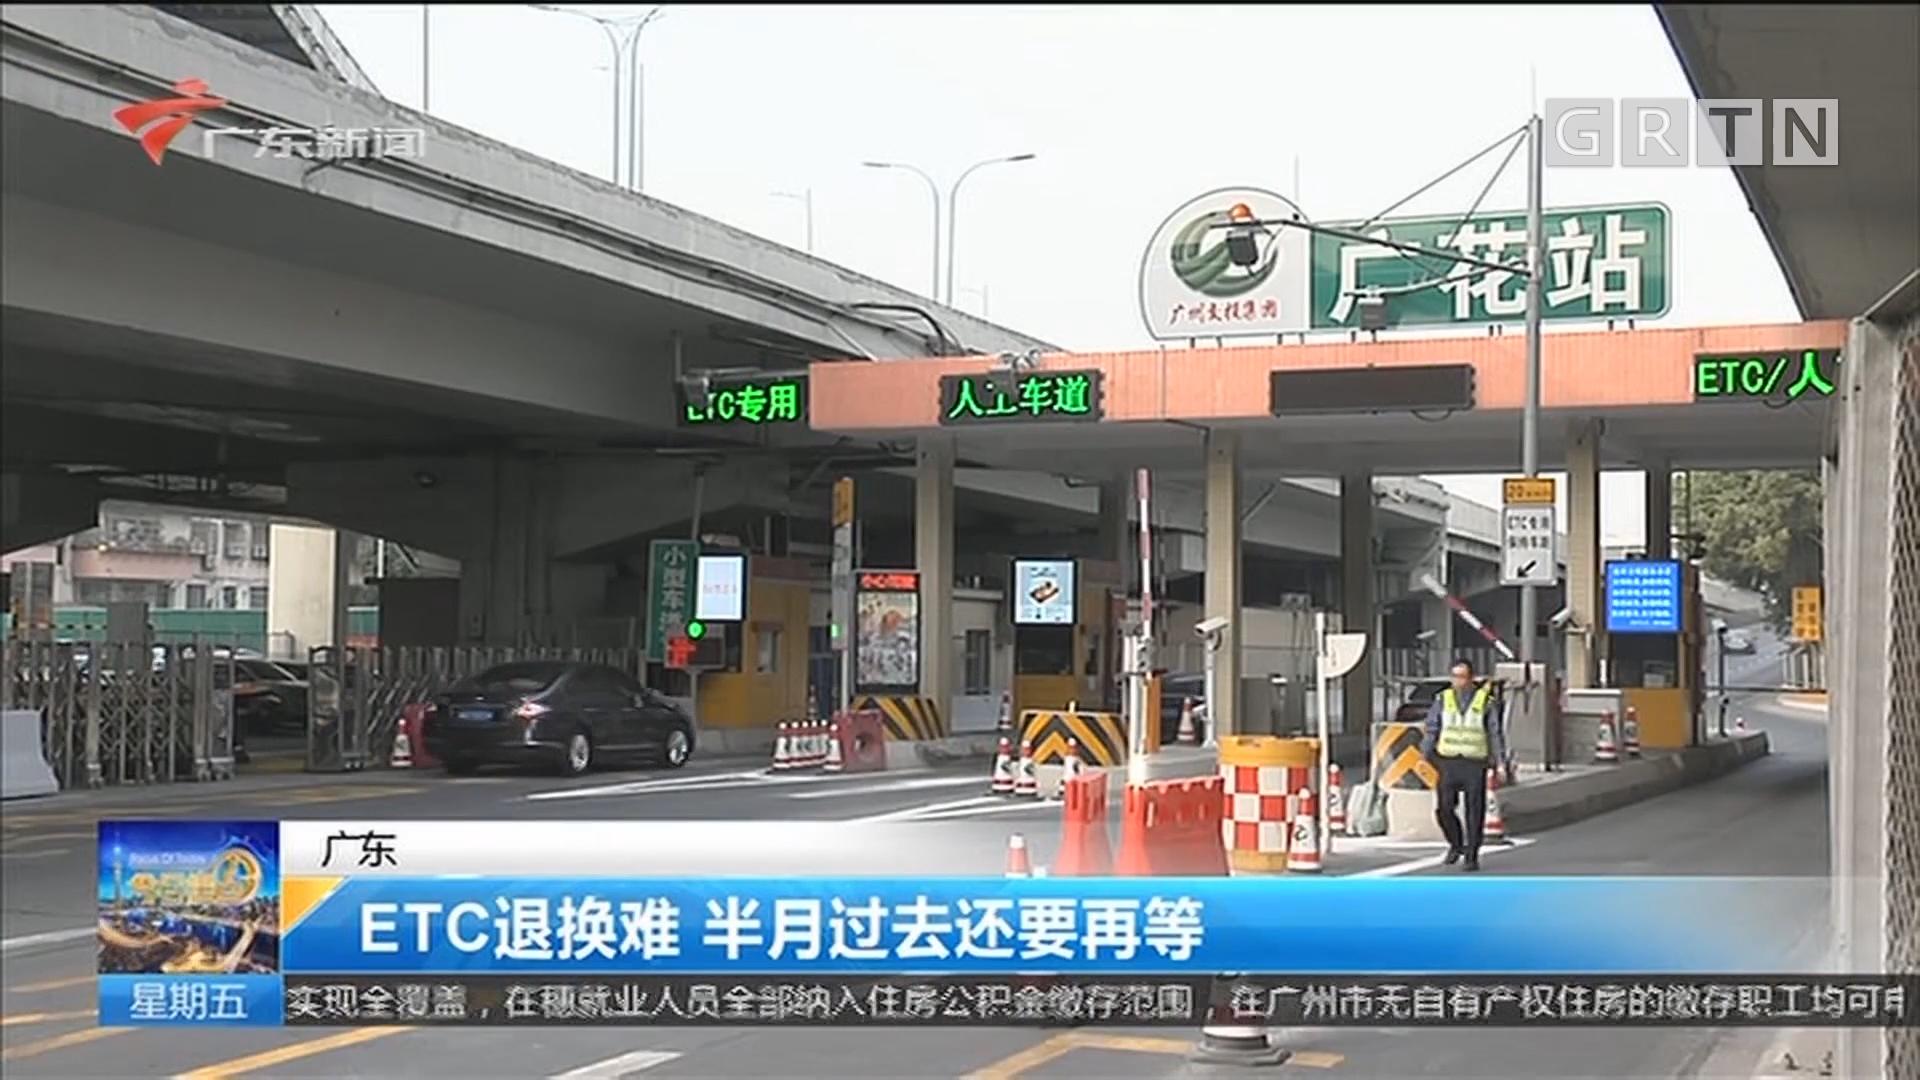 广东:ETC退换难 半月过去还要再等